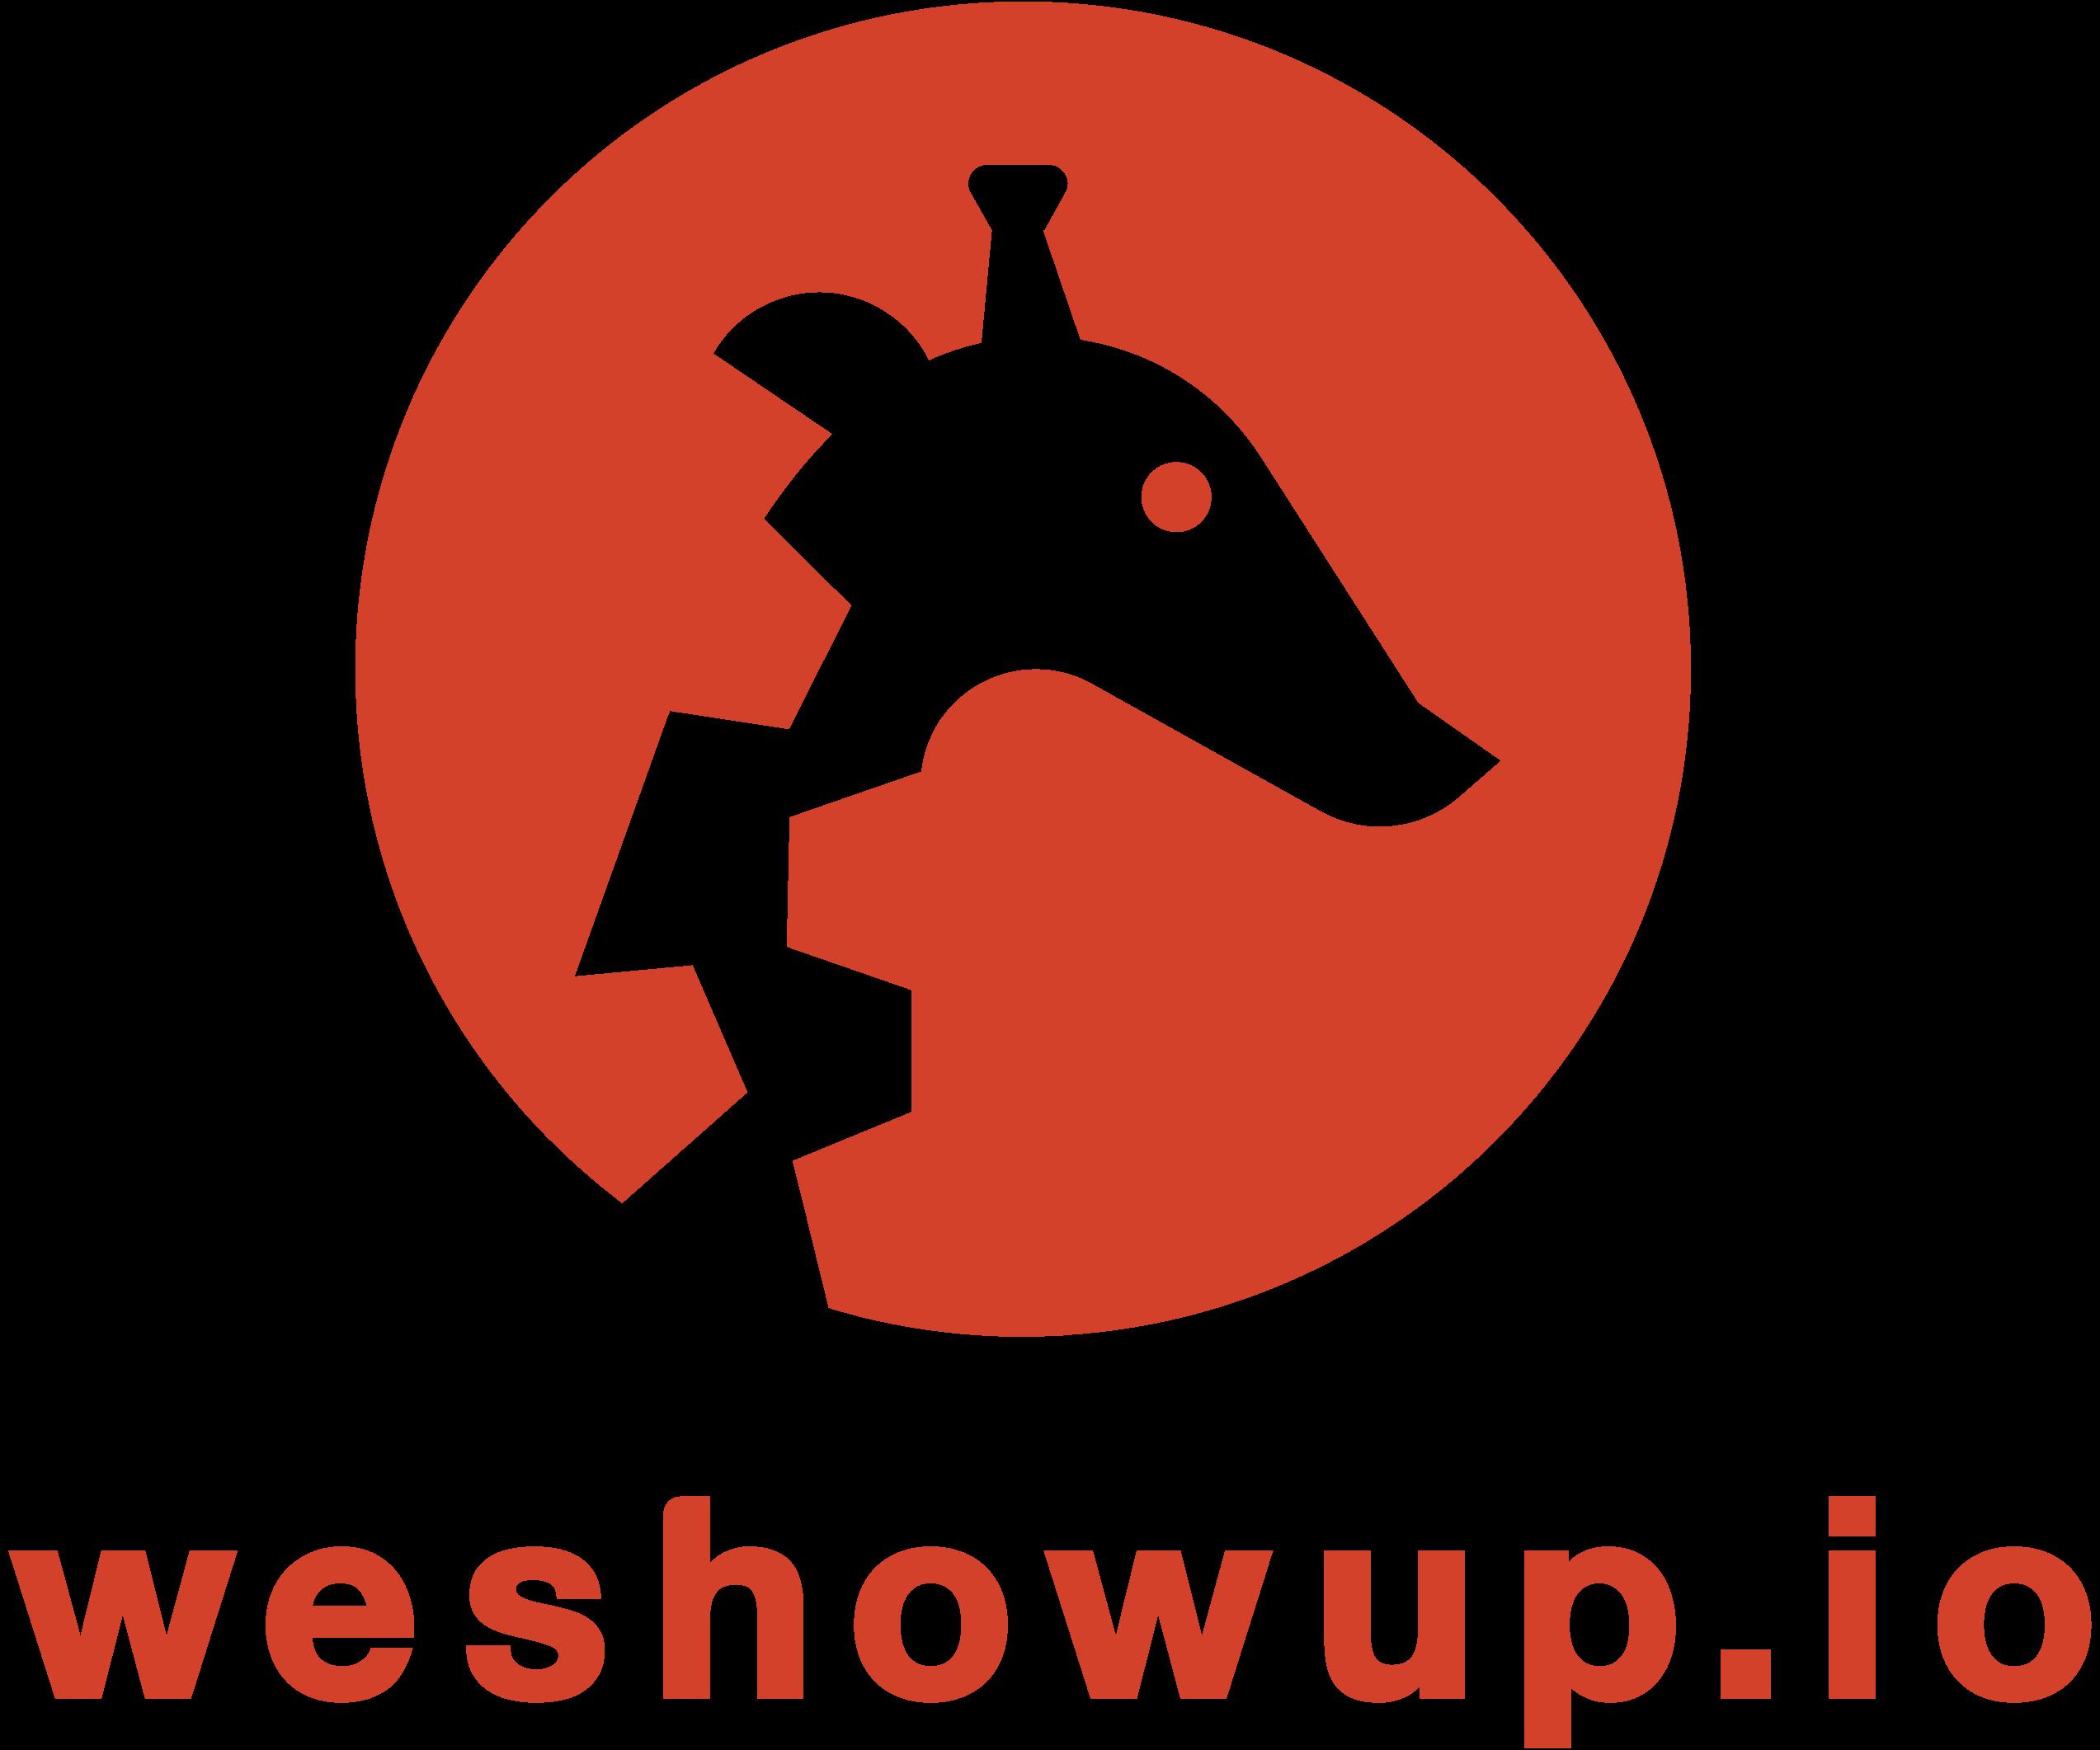 weshowup.io logo